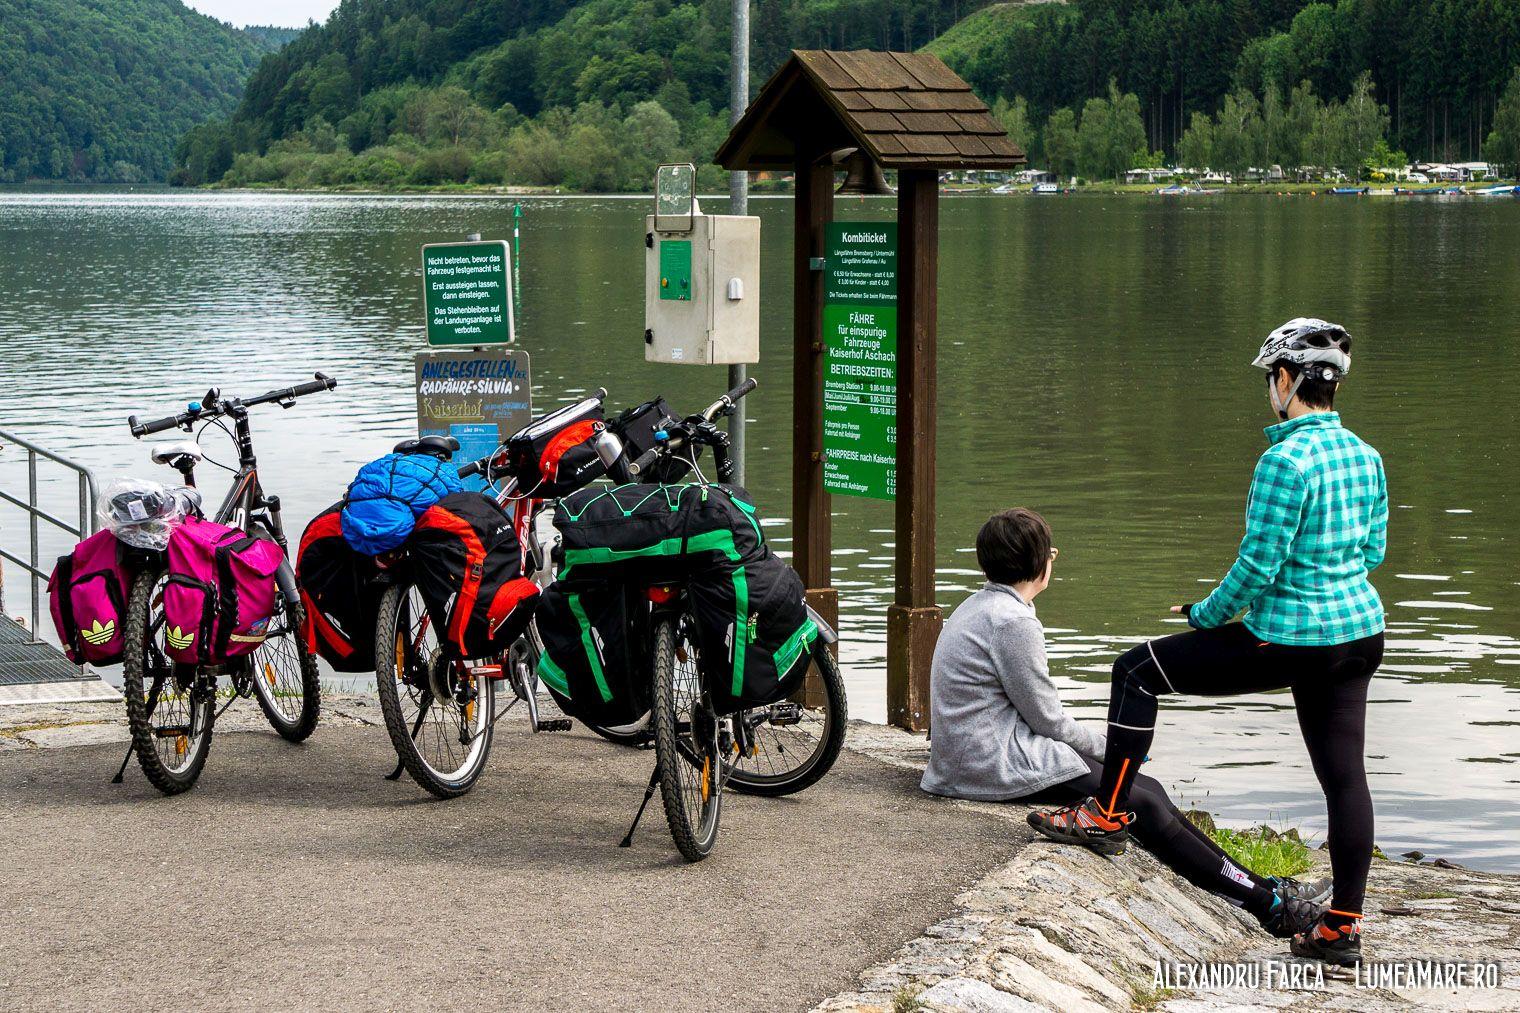 Așteptând traversarea pe celălalt mal al Dunării.